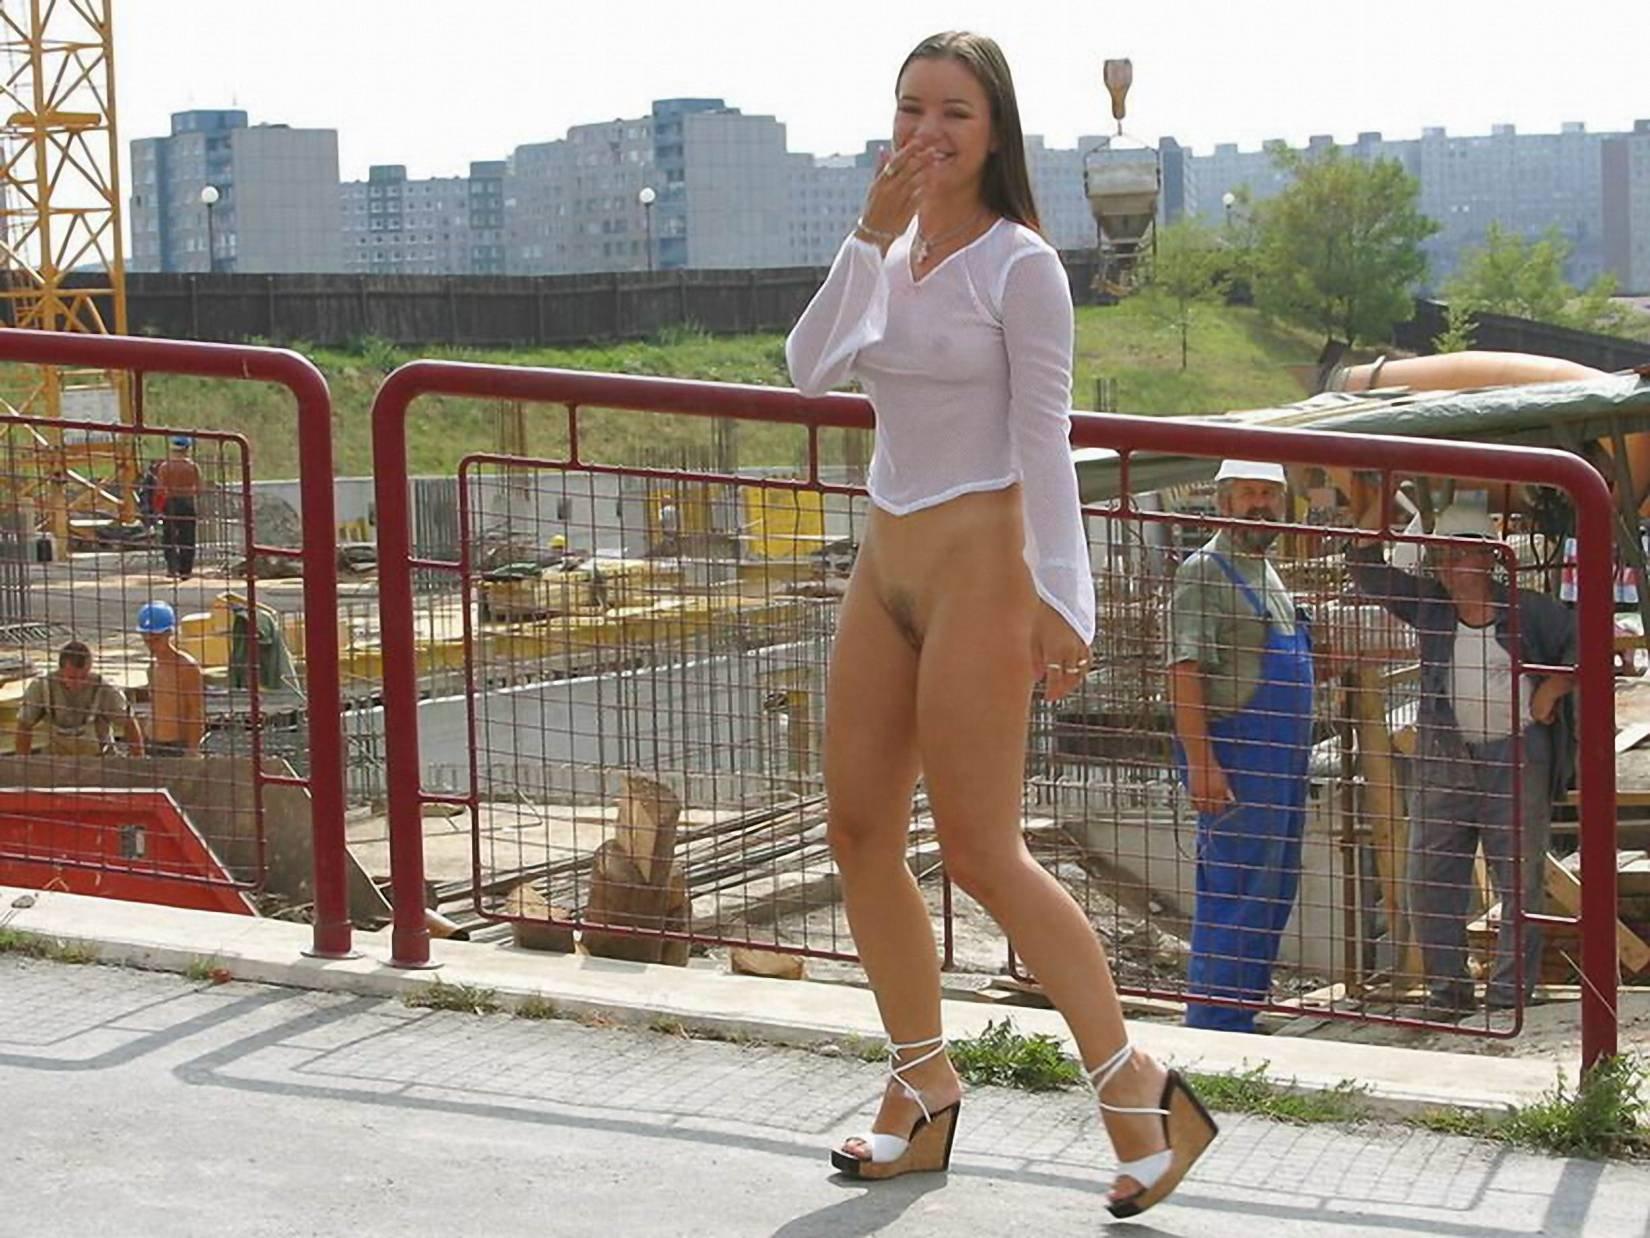 тема видео девушки гуляющей в магазине в одной майке без трусов шалунья постановила привнести